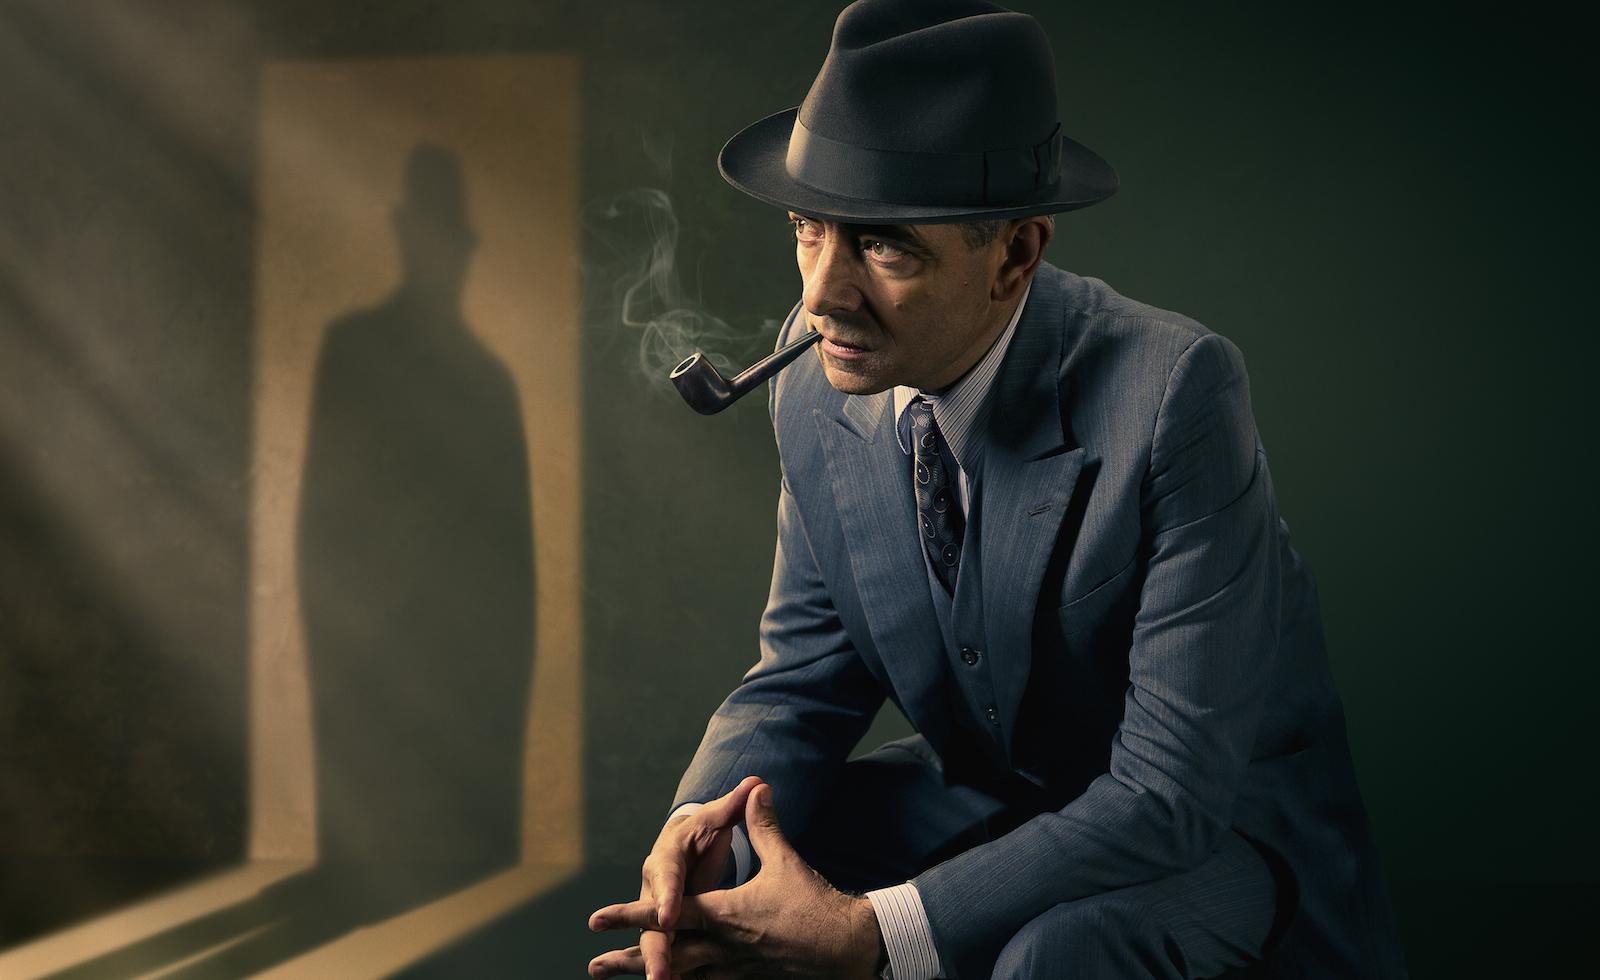 Commissaire Jules Maigret (Rowan Atkinson) - Maigret